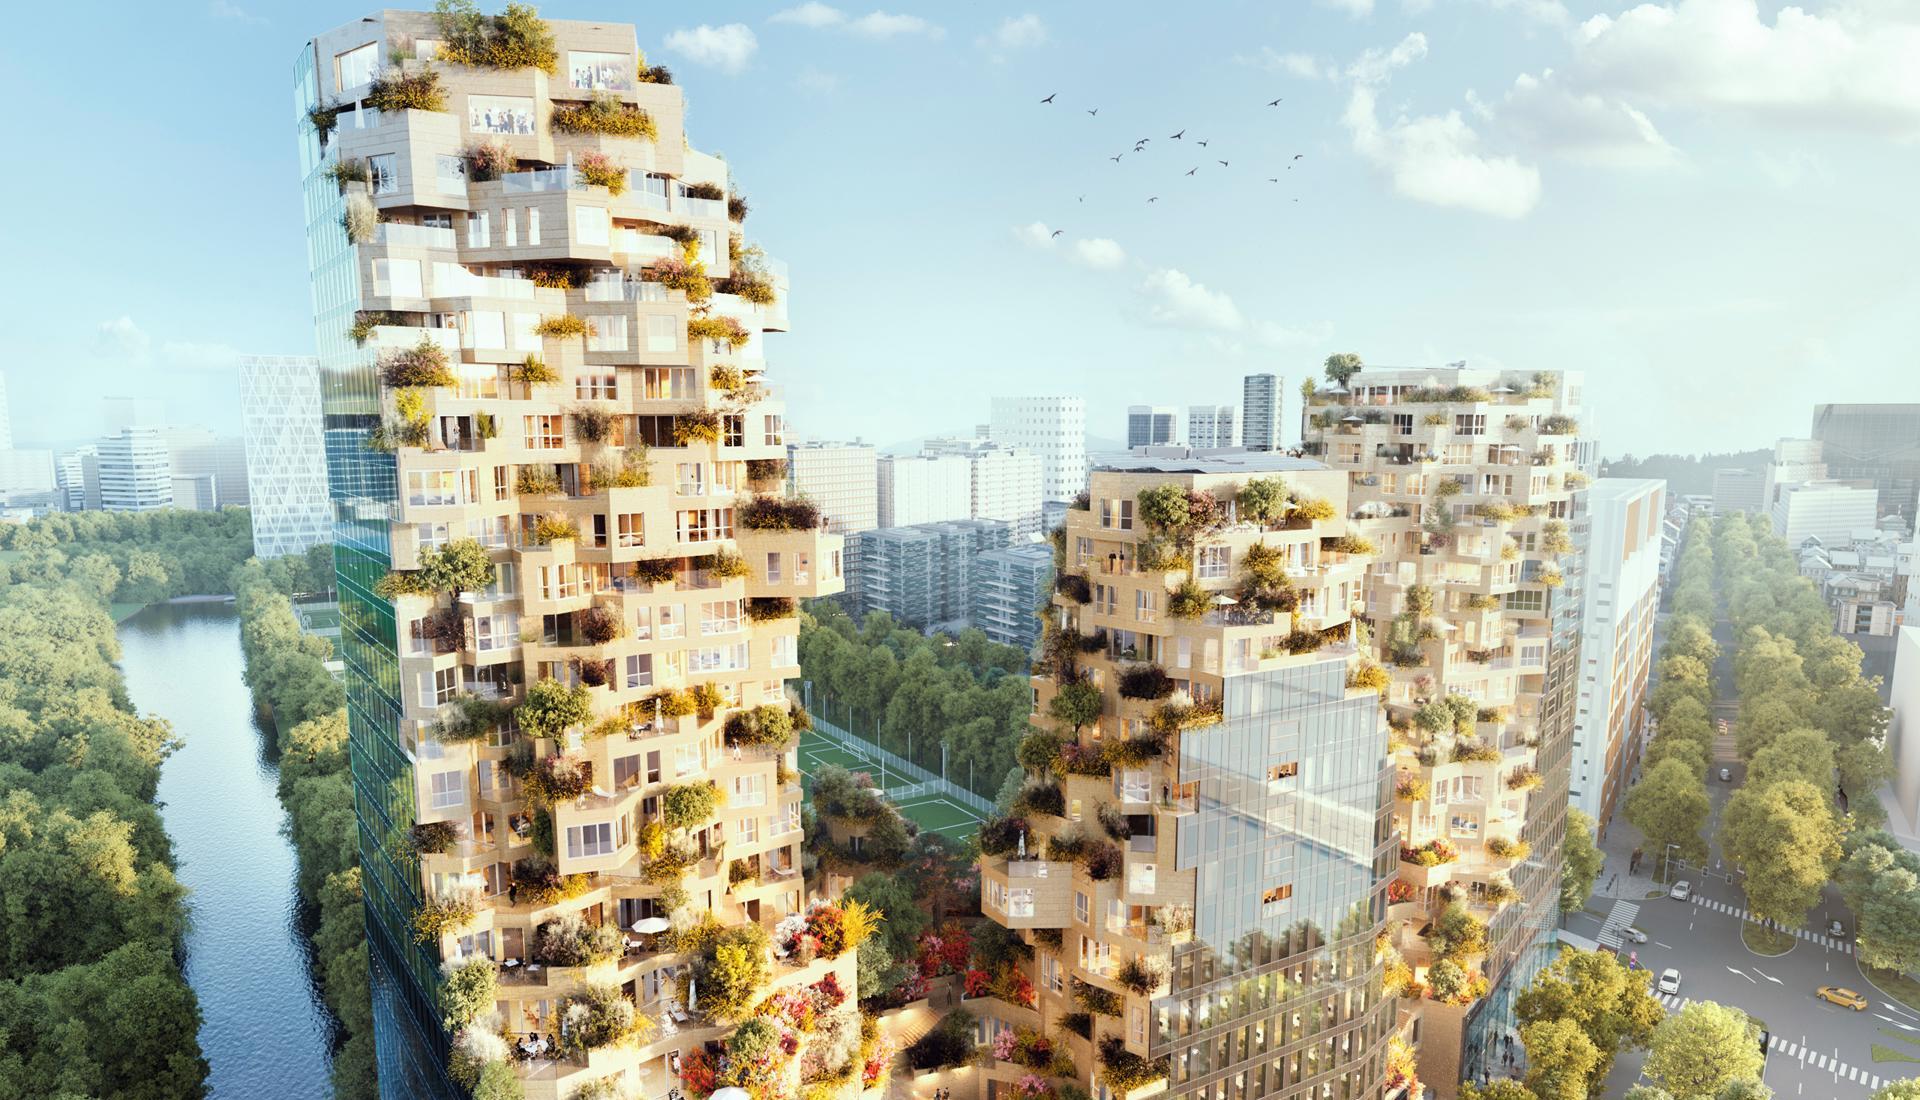 Архитектура будущего: зеленые города